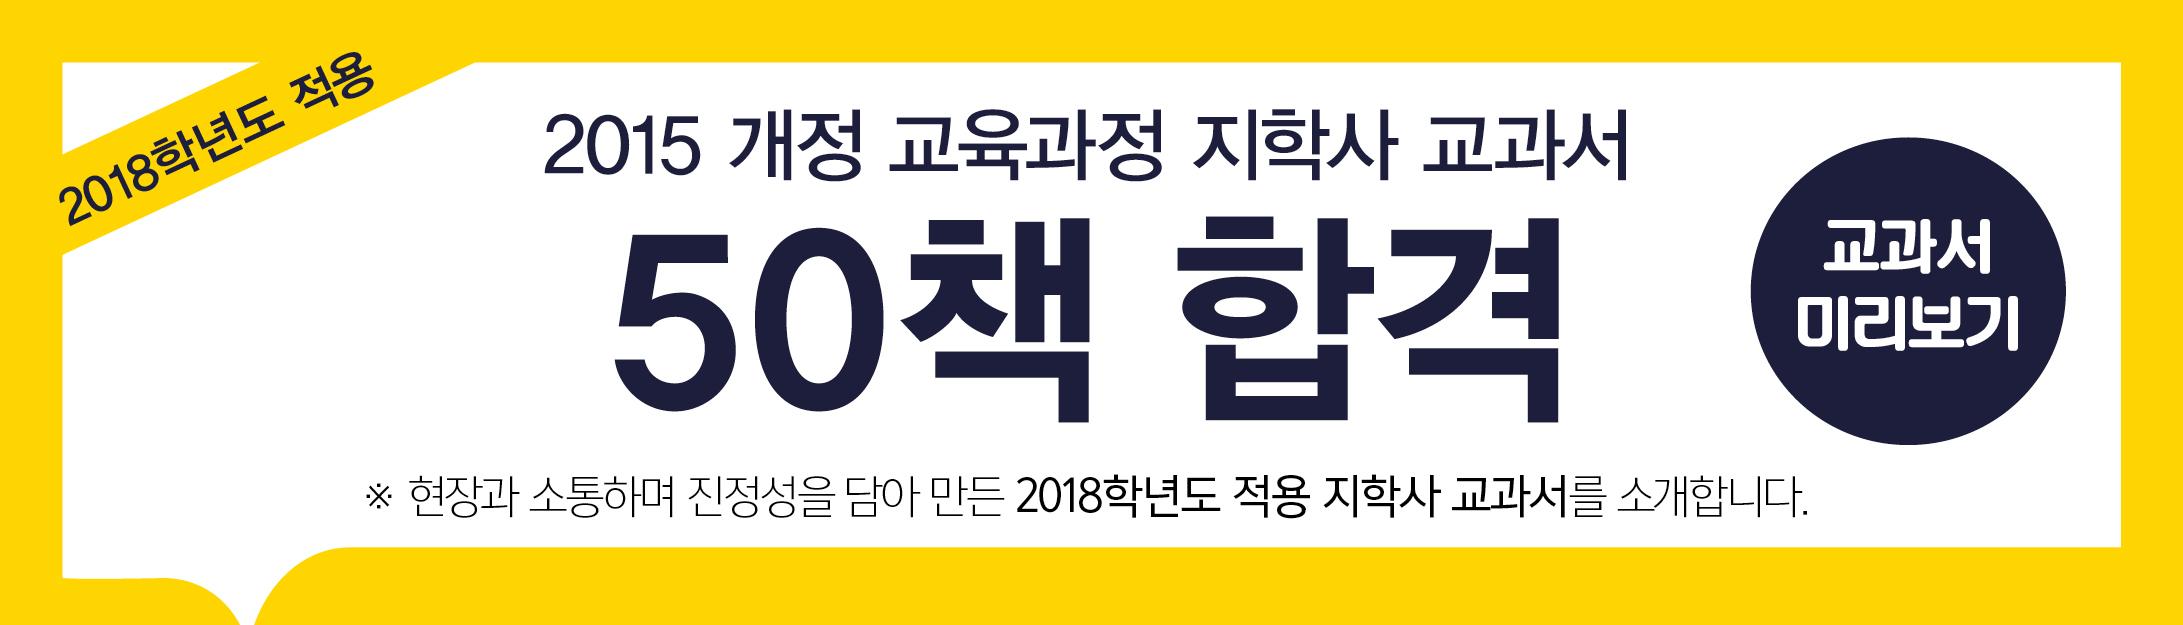 2015 개정 교육과정 지학사 교과서 50책 합격!